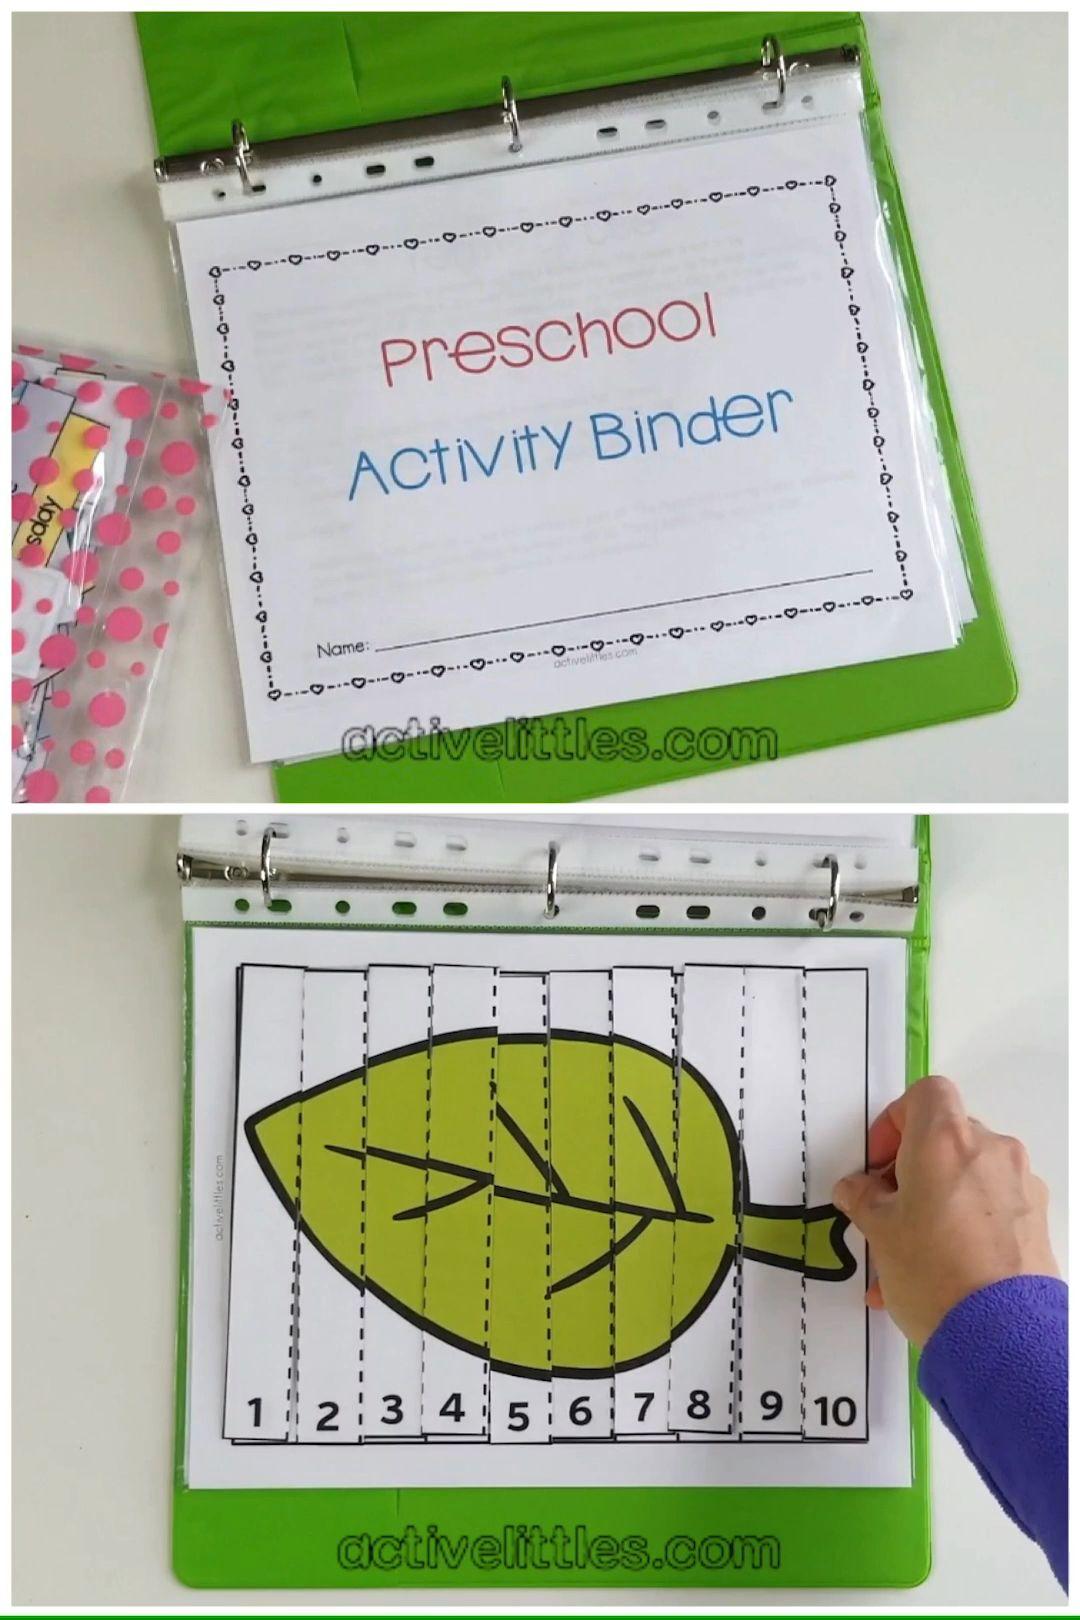 Preschool Interactive Activity Binder